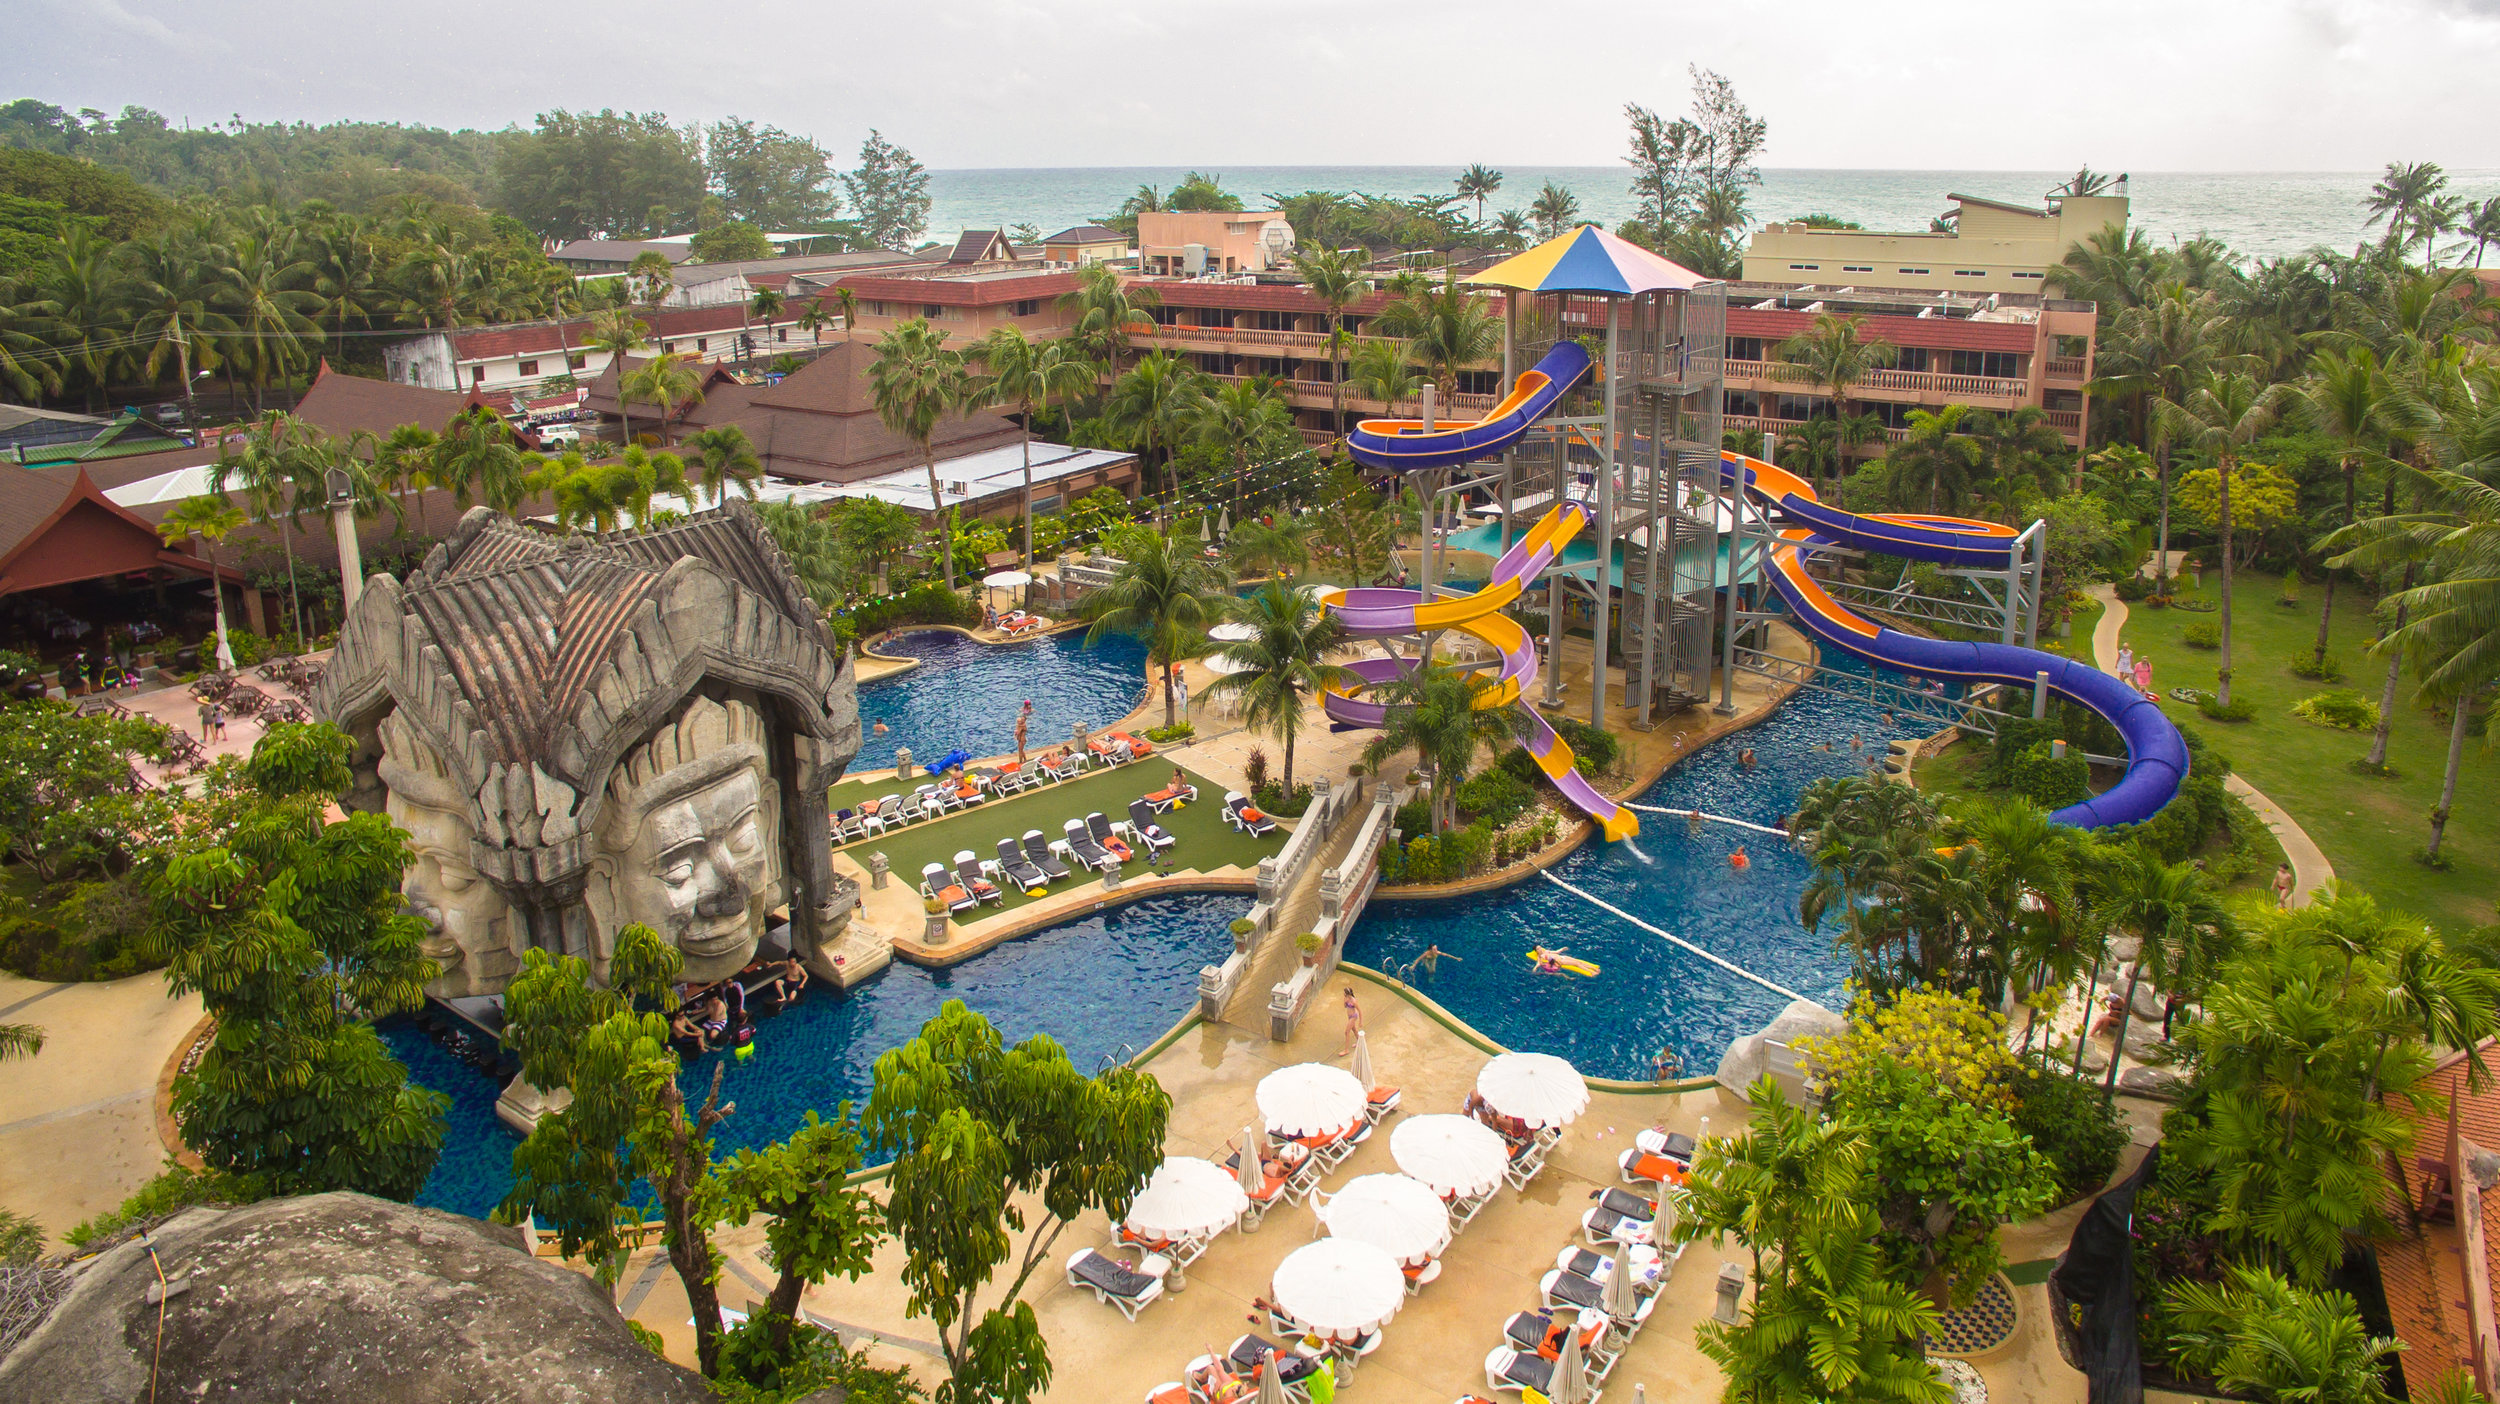 Phuket Orchid resort   Karon    Images / fact sheet / video